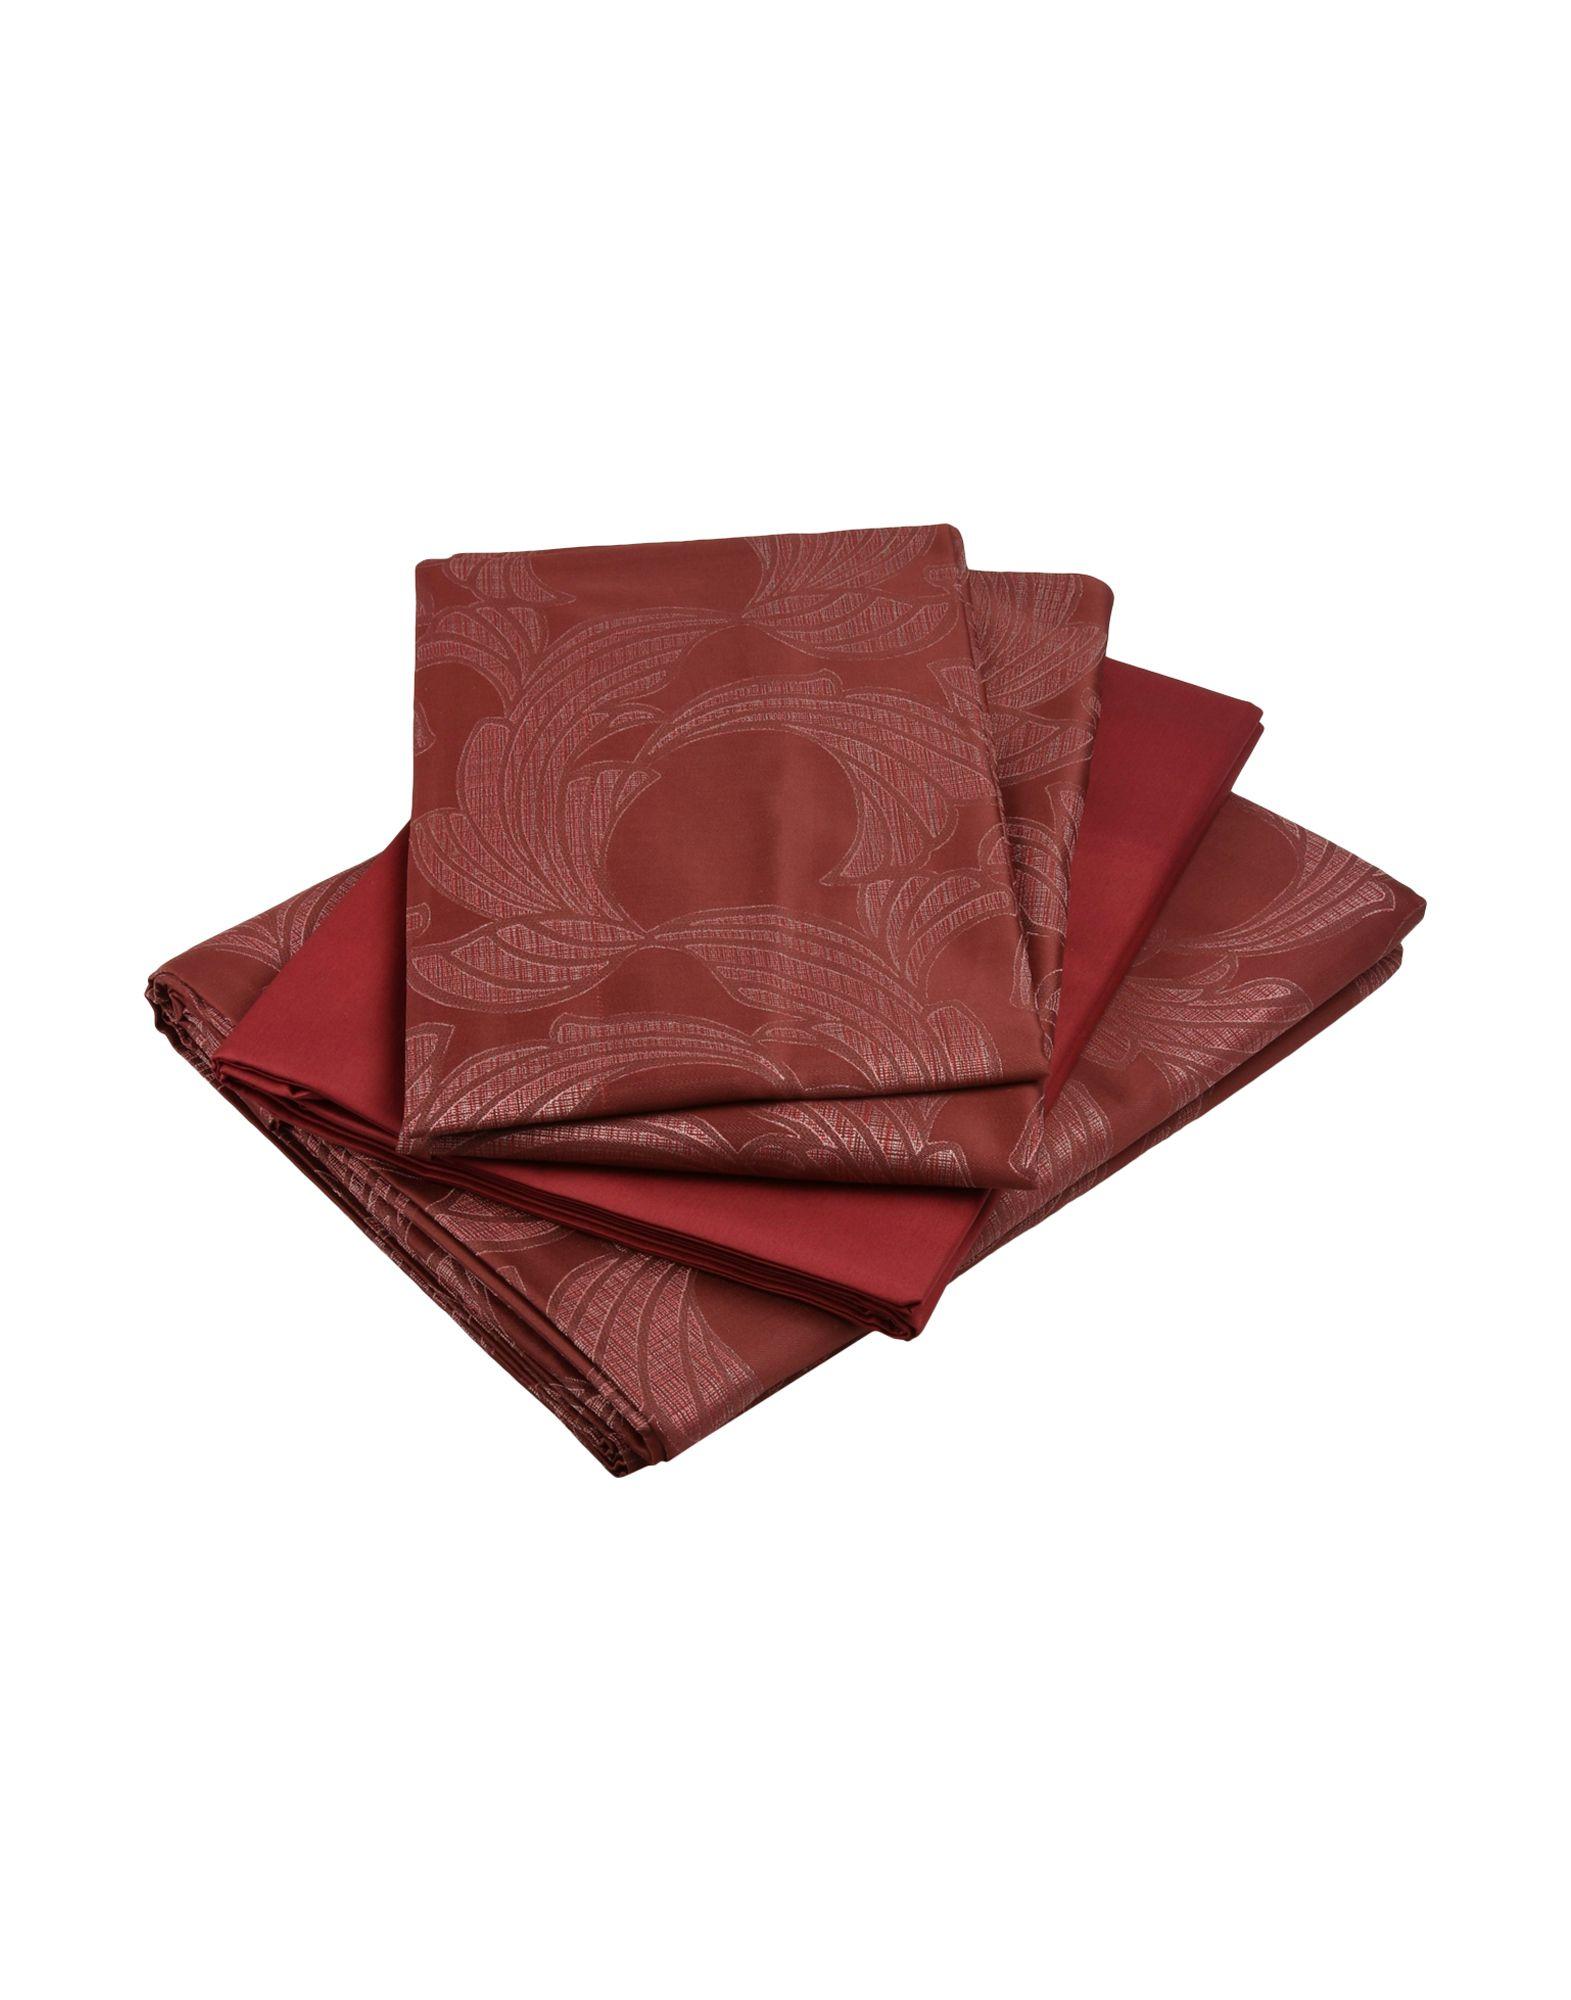 Frette Duvet Covers